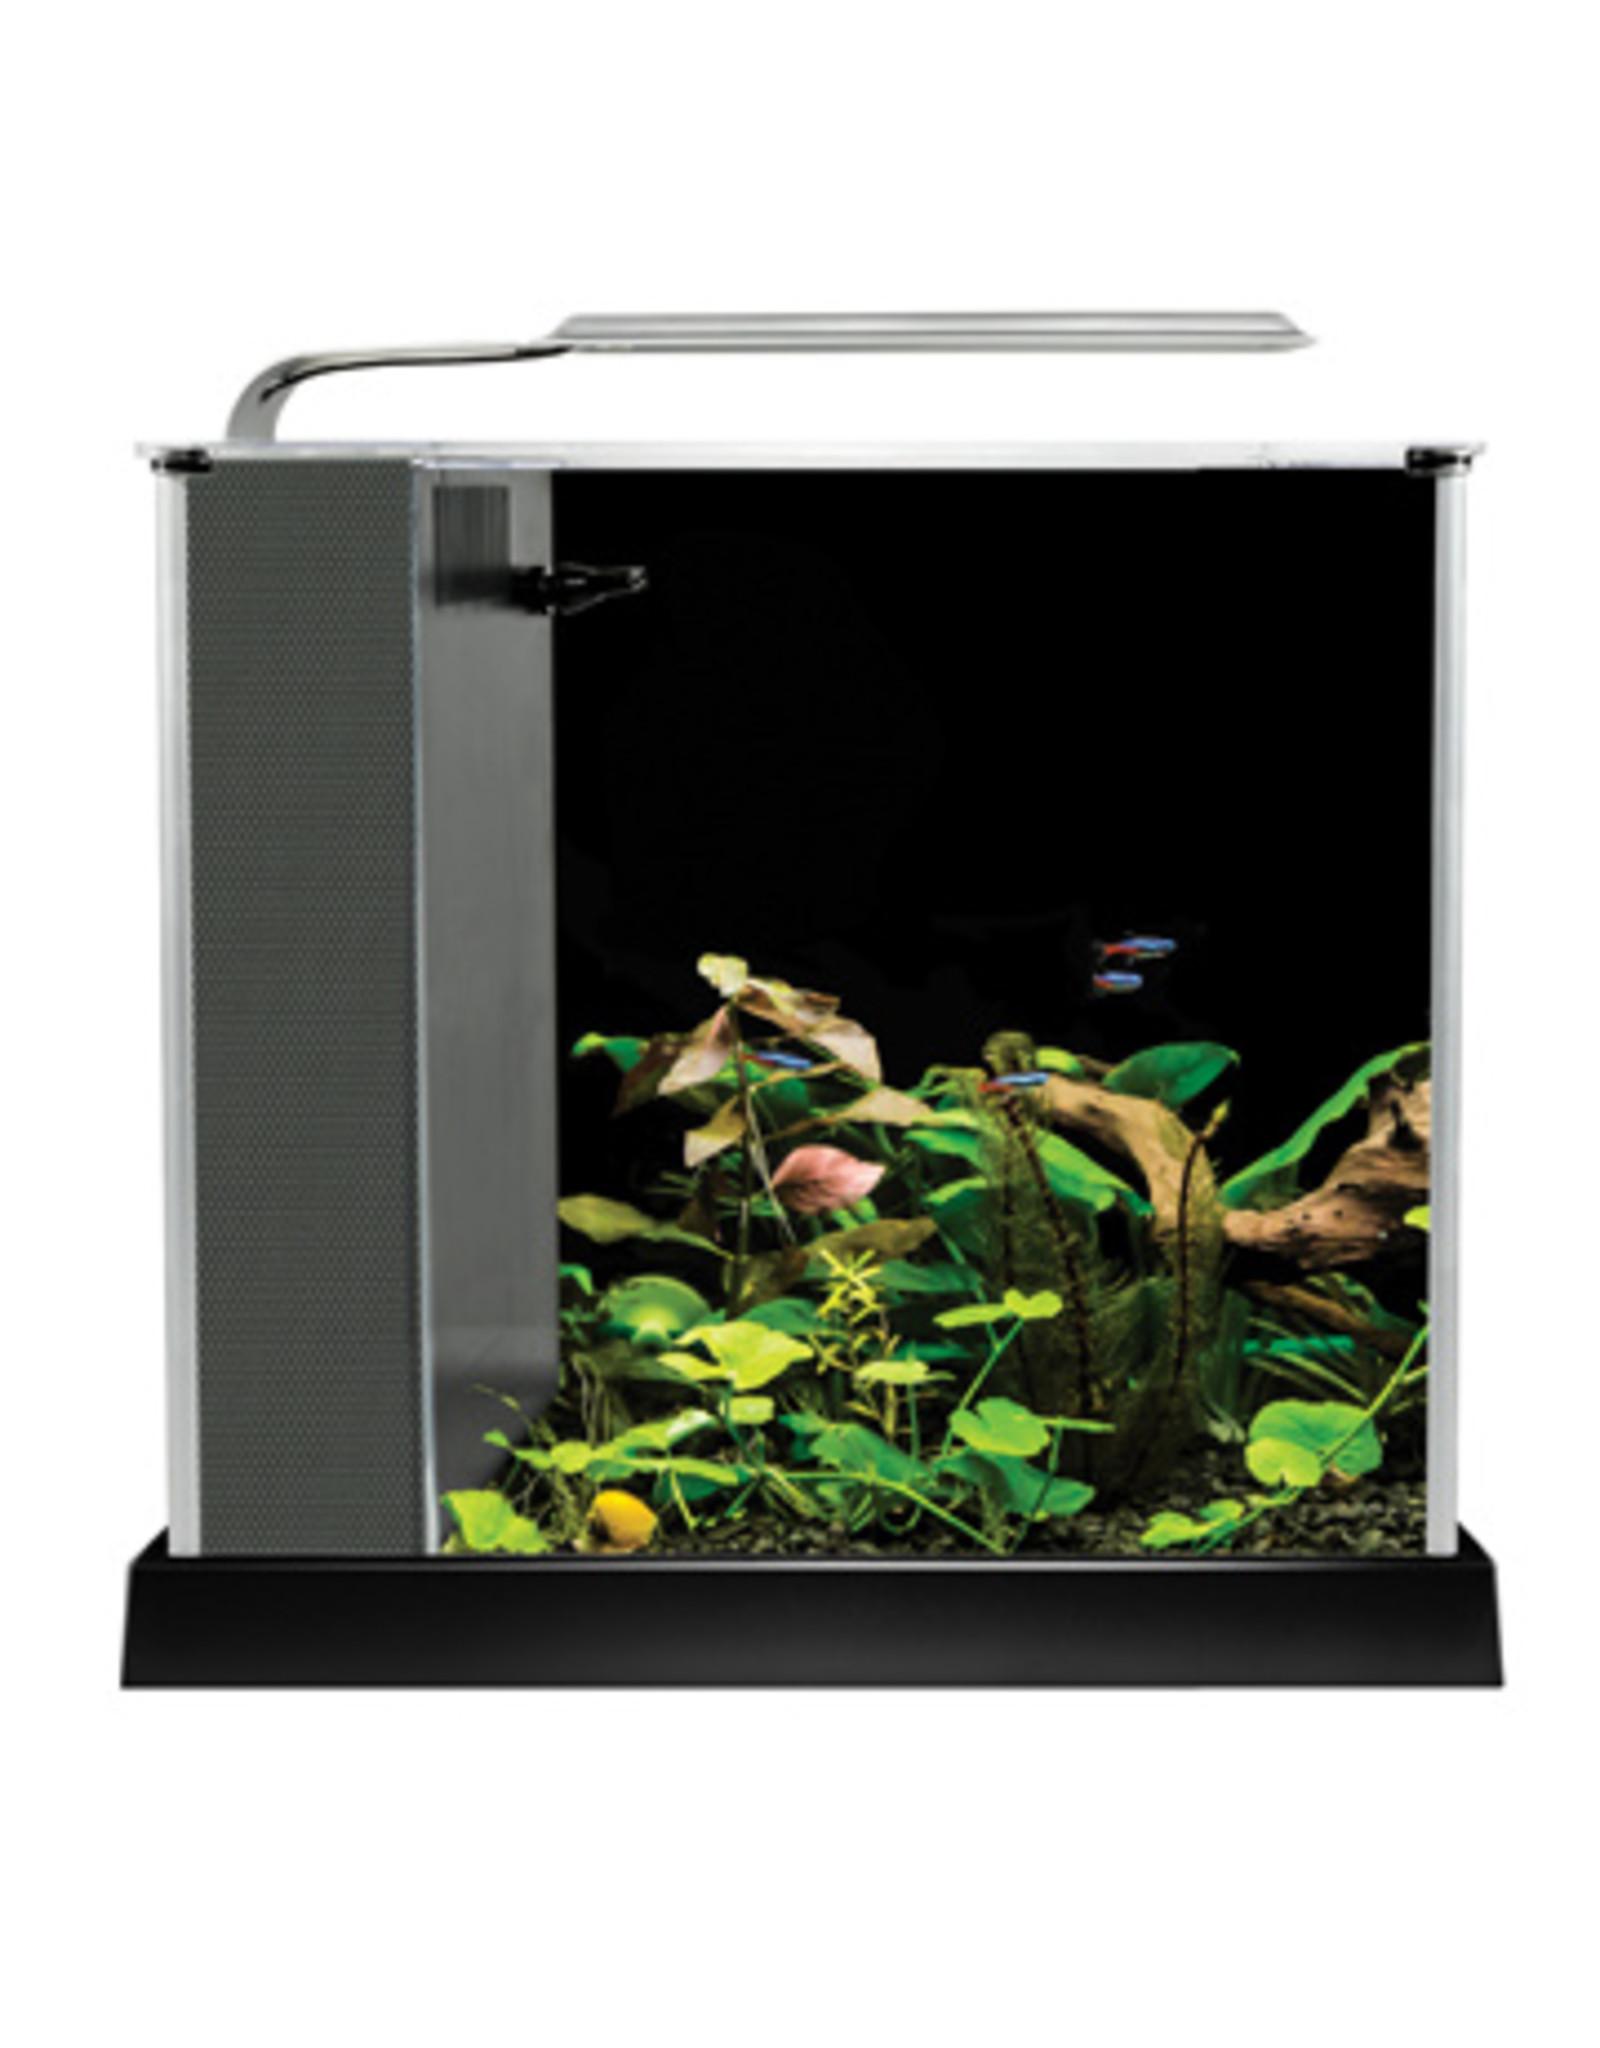 Fluval FLUVAL SPEC Black Glass Aquarium 2.6Gal (10L)